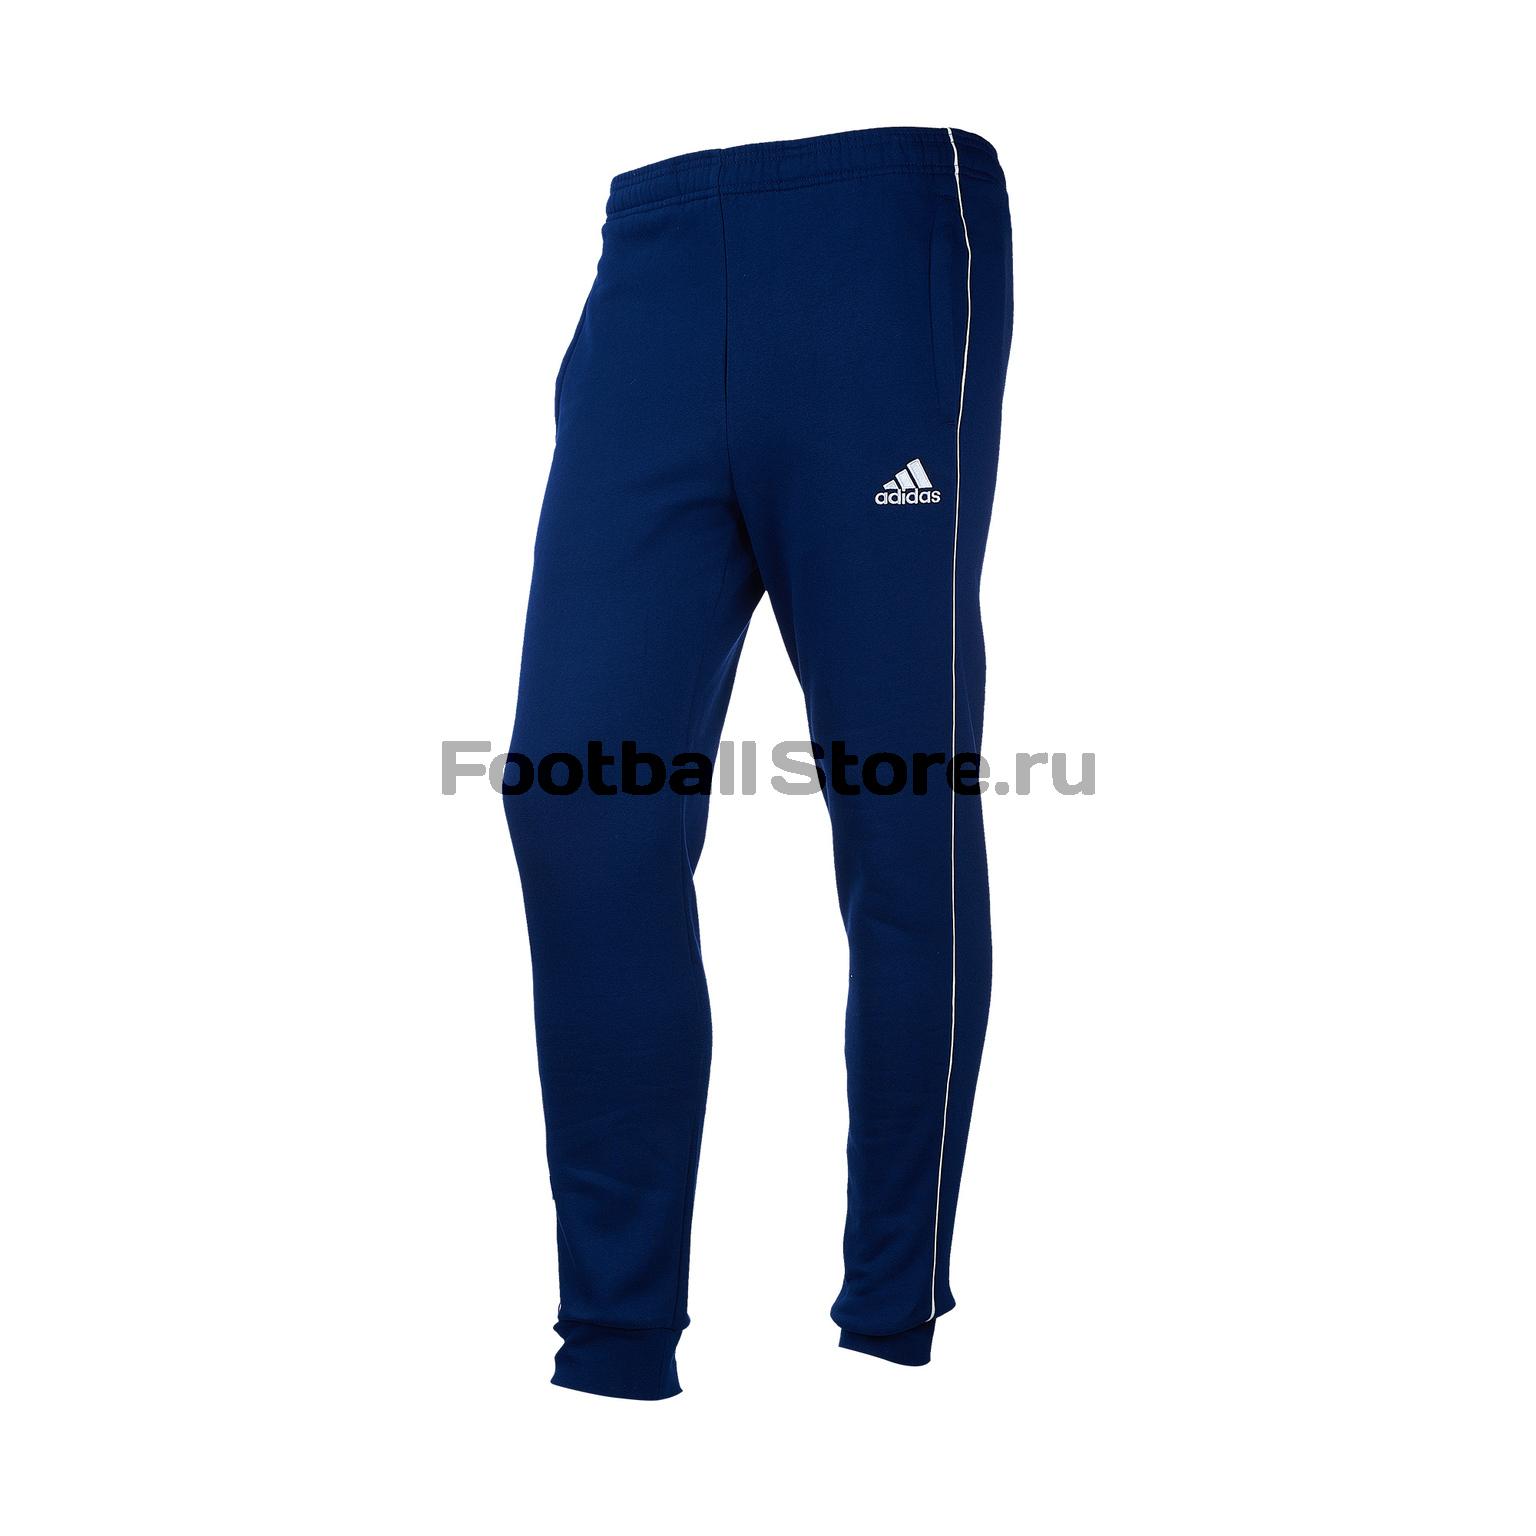 Брюки Adidas Core18 SW Pnt CV3753 недорго, оригинальная цена